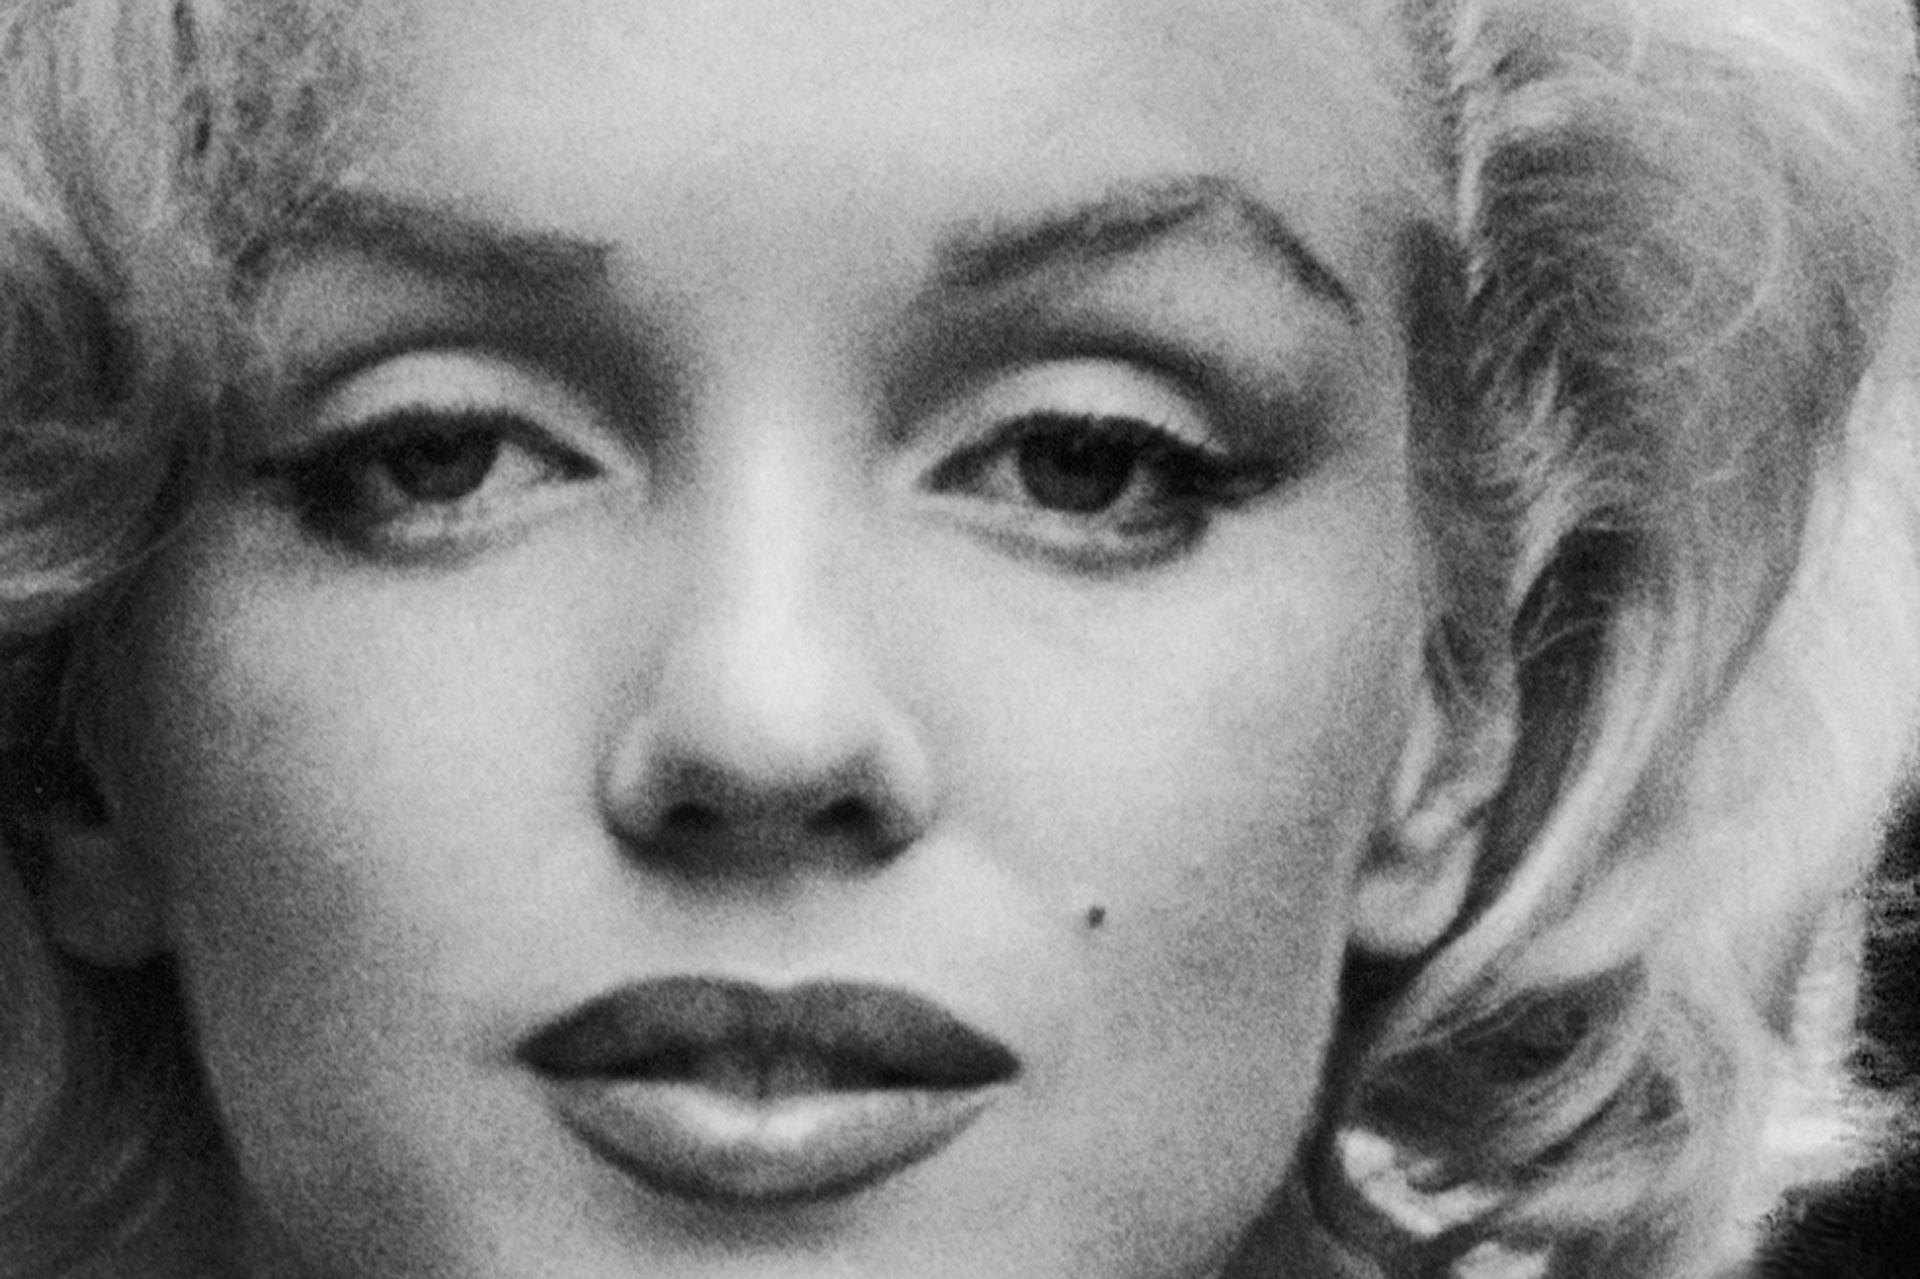 En ansiktsbild bild på Marilyn Monroe, från utställningen i Örebro